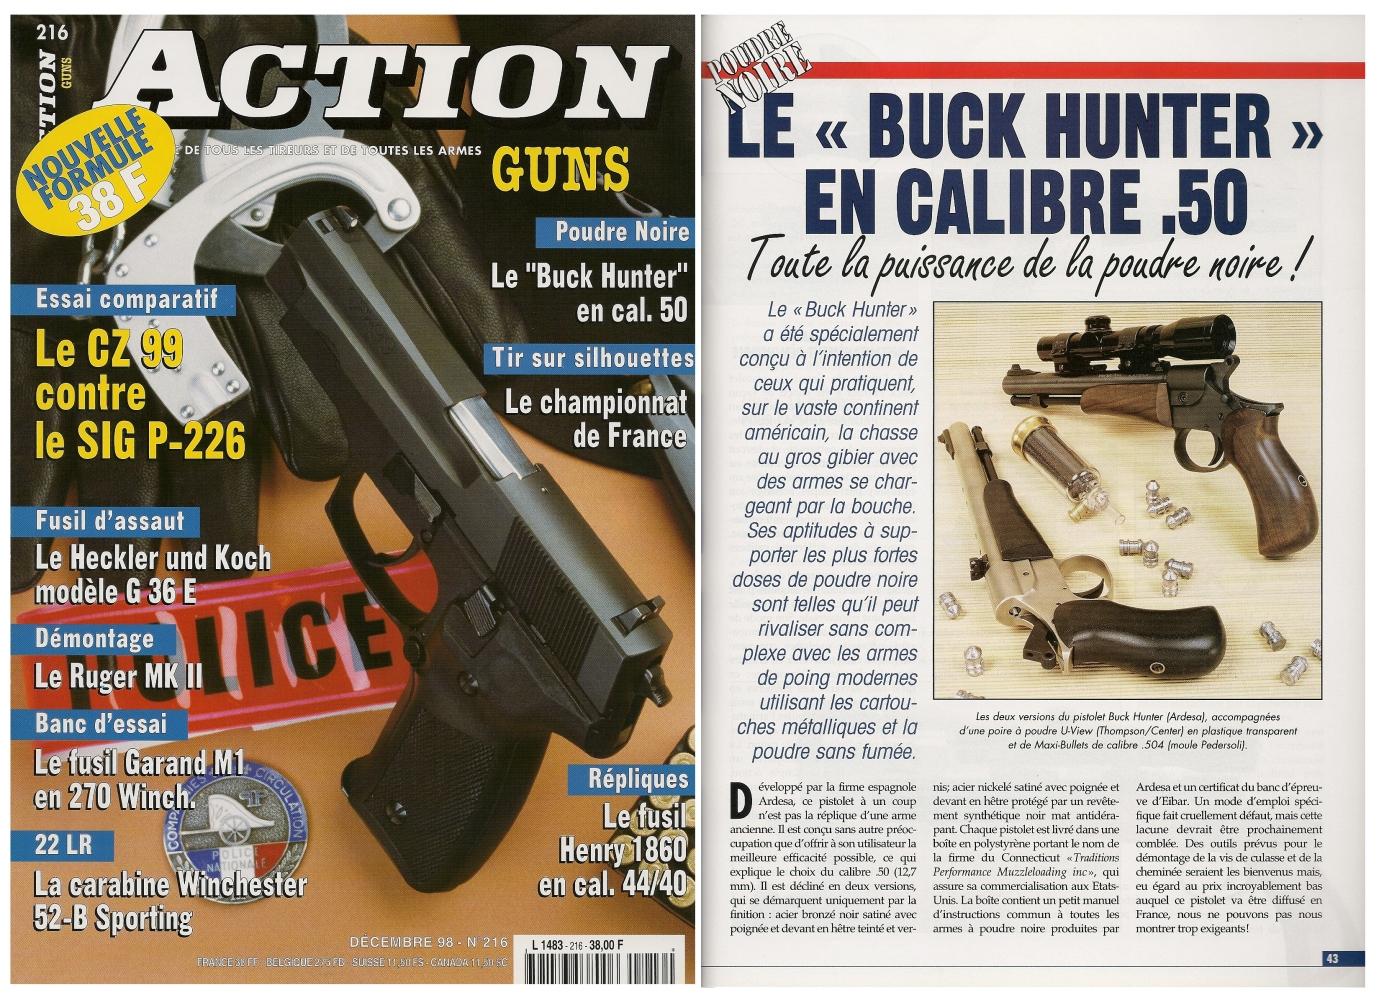 Le banc d'essai du pistolet à poudre noire Buck Hunter a été publié sur 5 pages dans le magazine Action Guns n°216 (décembre 1998).